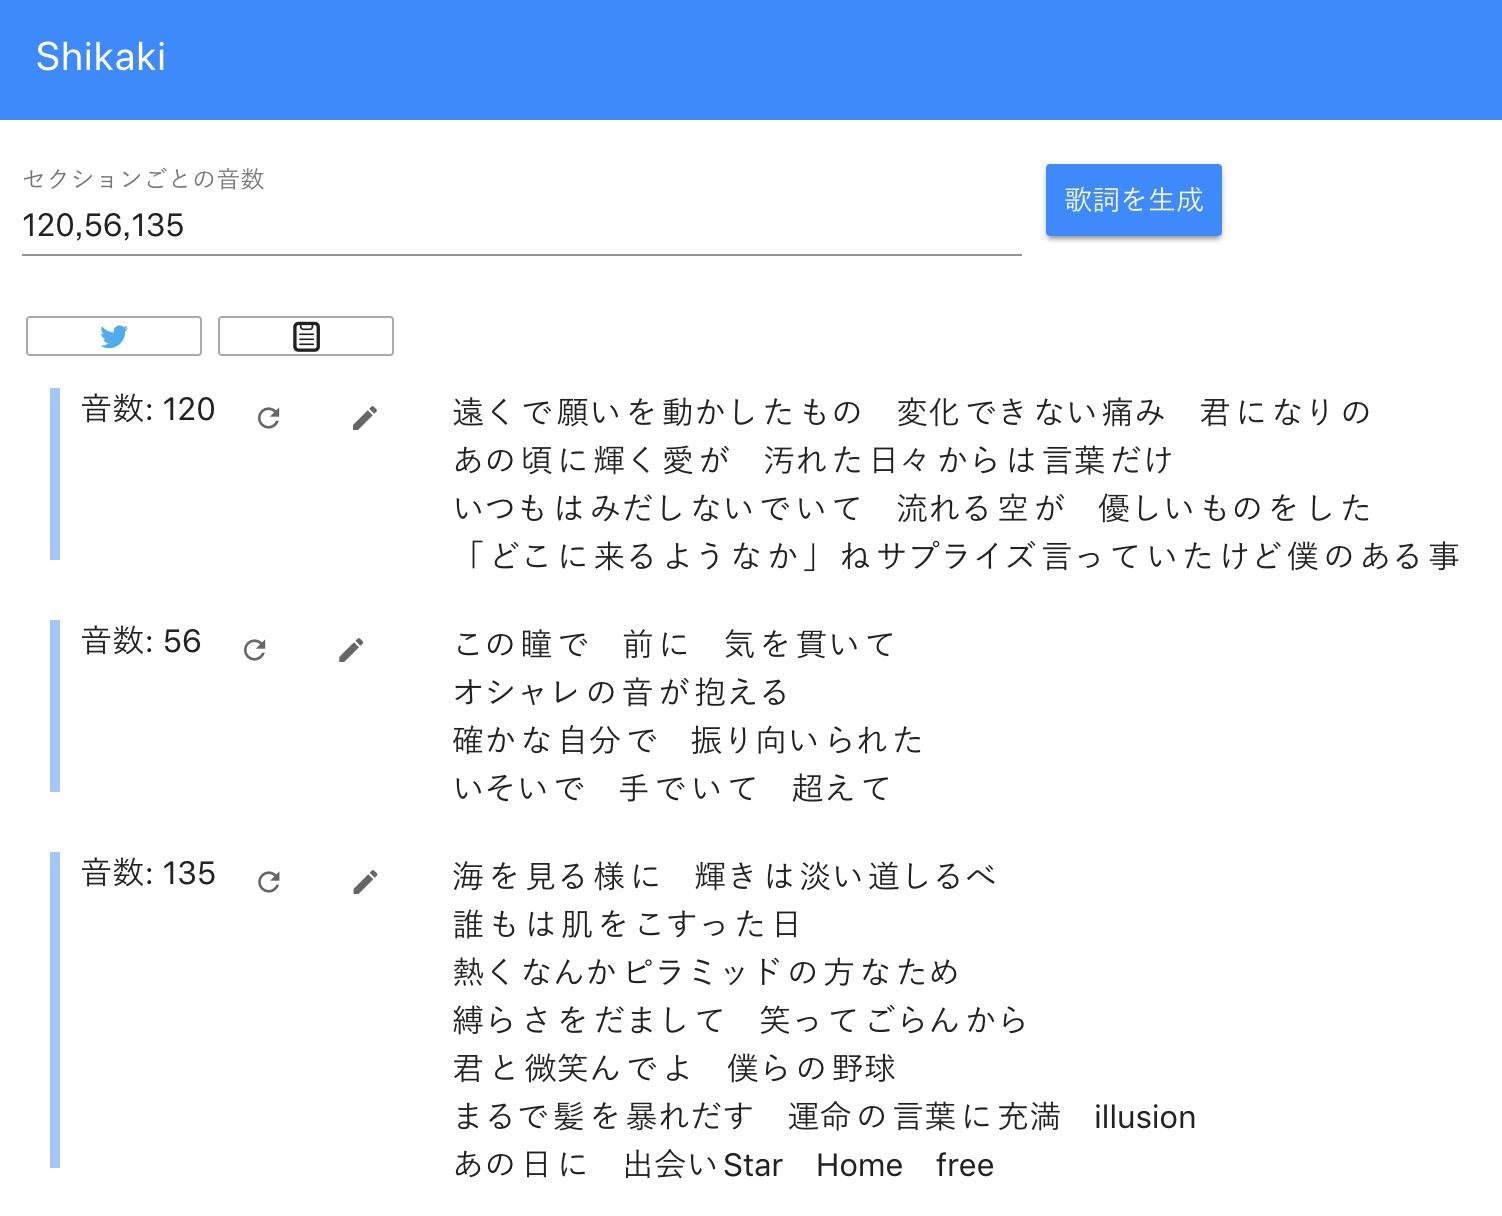 shikaki_0.png